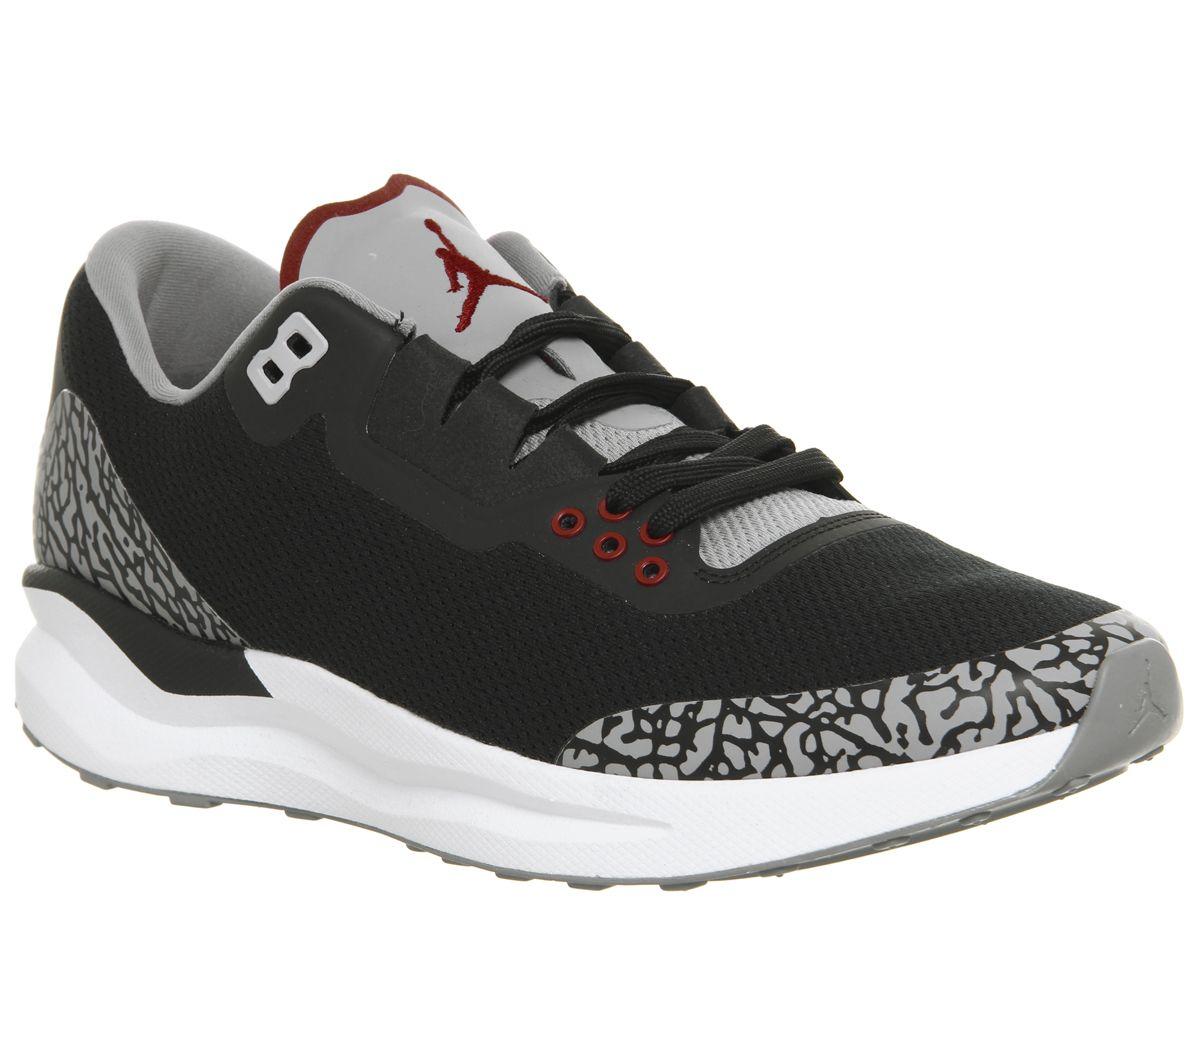 007913abbd5729 Jordan Jordan Zoom Tenacity 88 Black Cement - His trainers